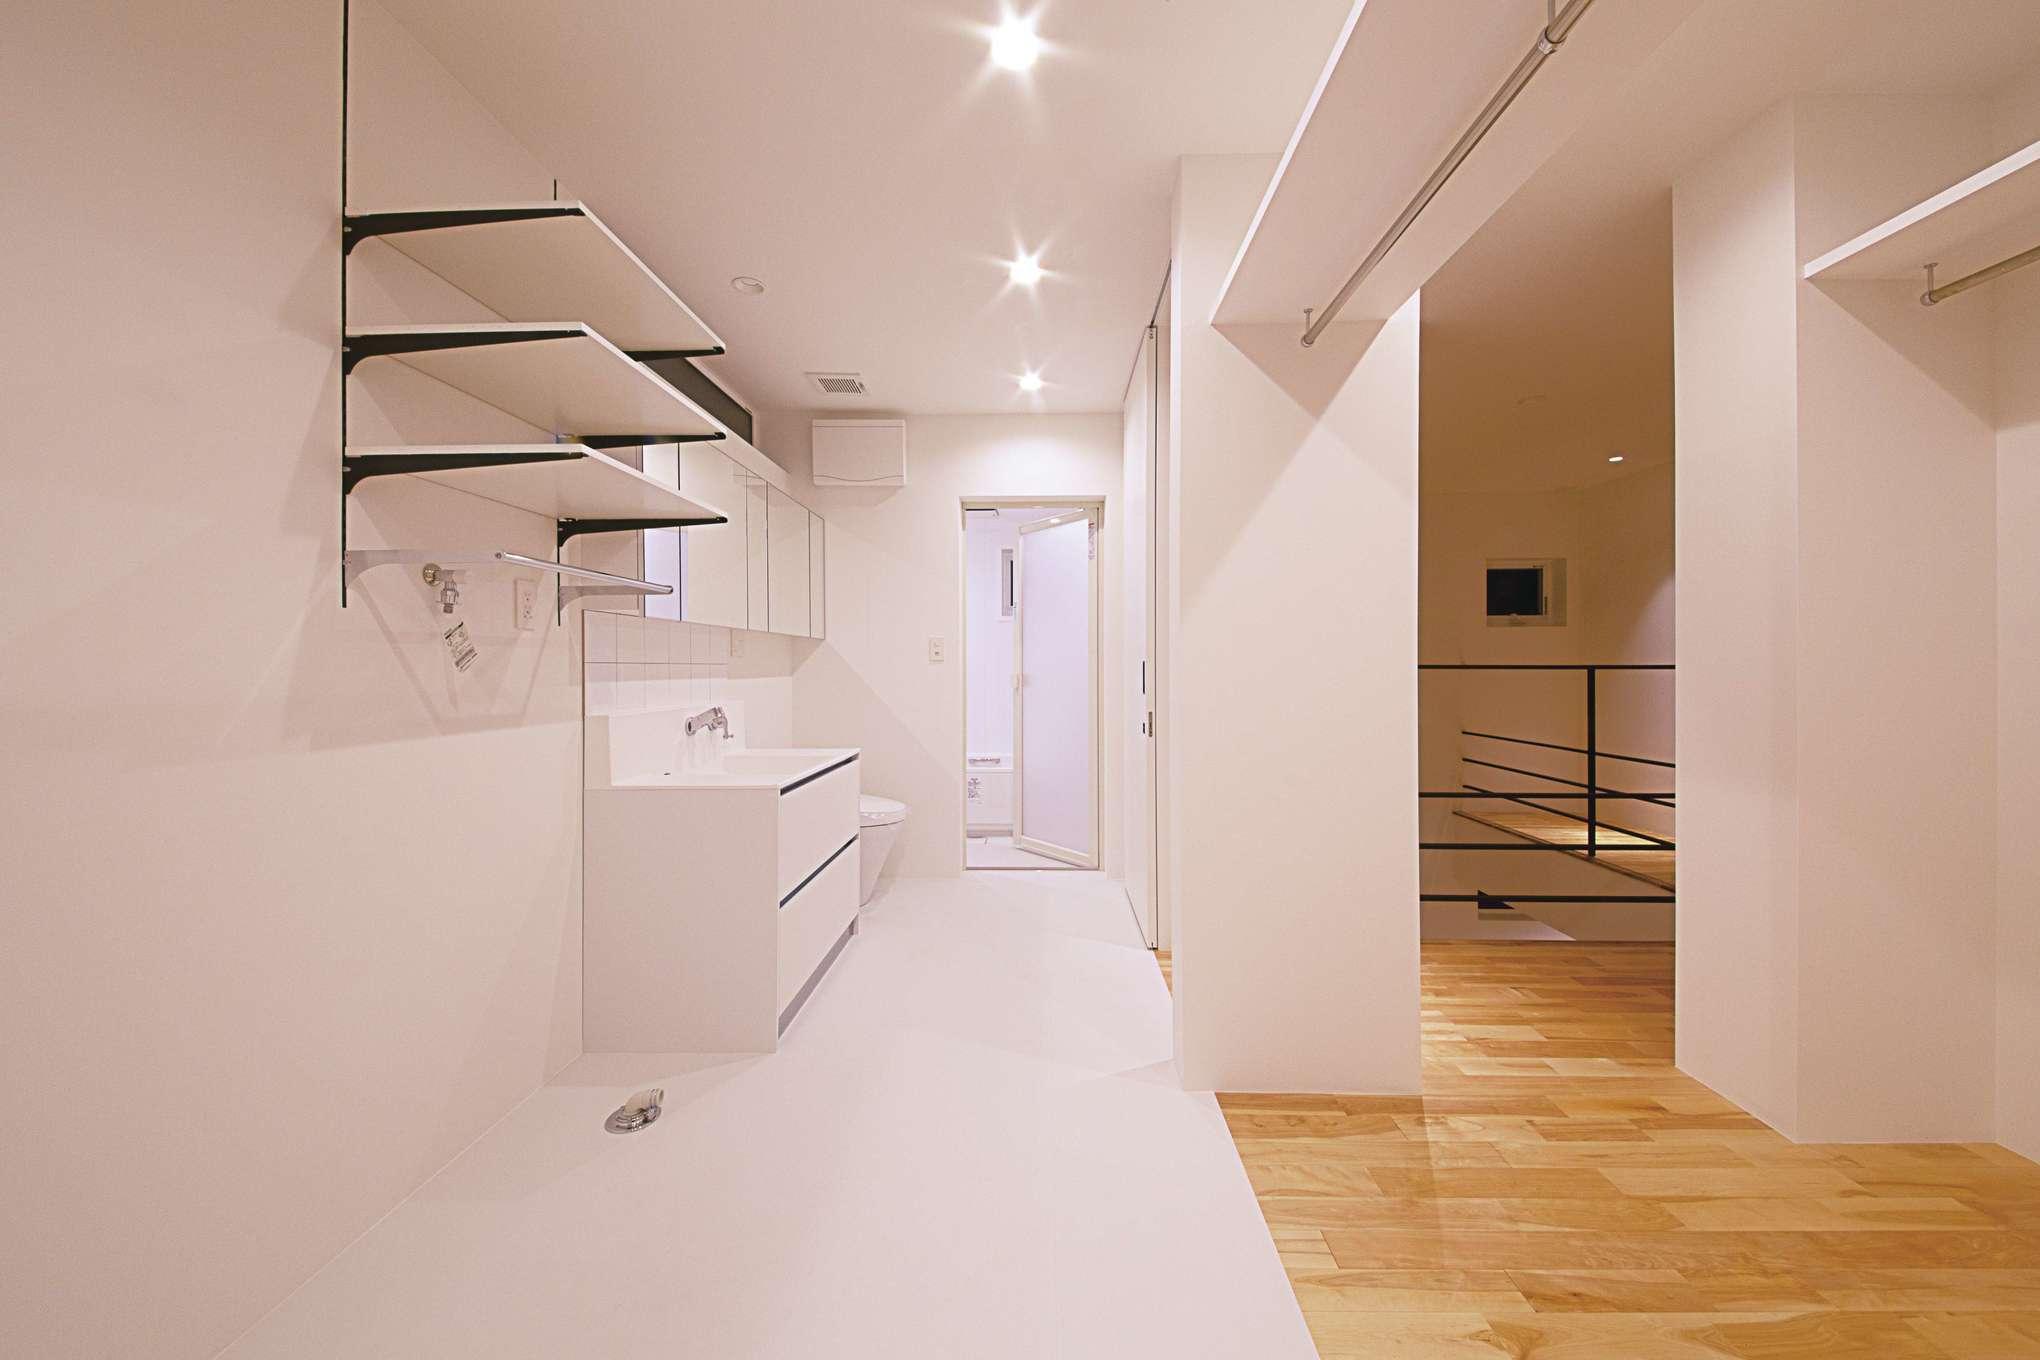 インフィルプラス【デザイン住宅、収納力、間取り】ランドリーのすぐ隣にファミリークローゼットを配置。仕切りがないので、洗濯物が乾いたらハンガーをサッと移動するだけで済む